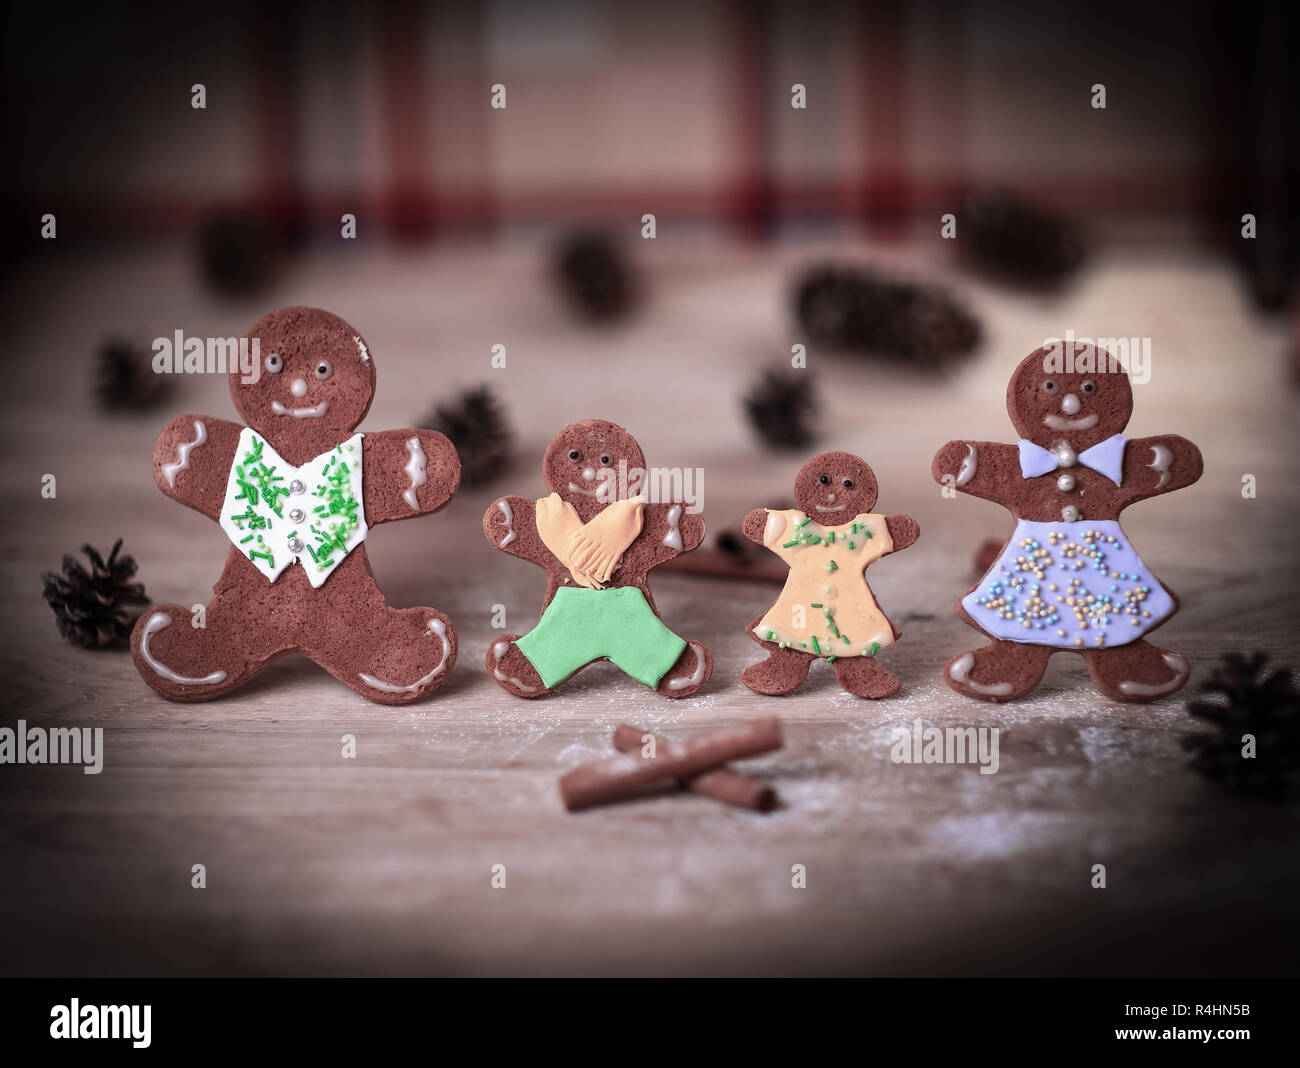 Der Weihnachten.Lebkuchen Männer Und Zimtstangen Auf Der Weihnachten Tabelle